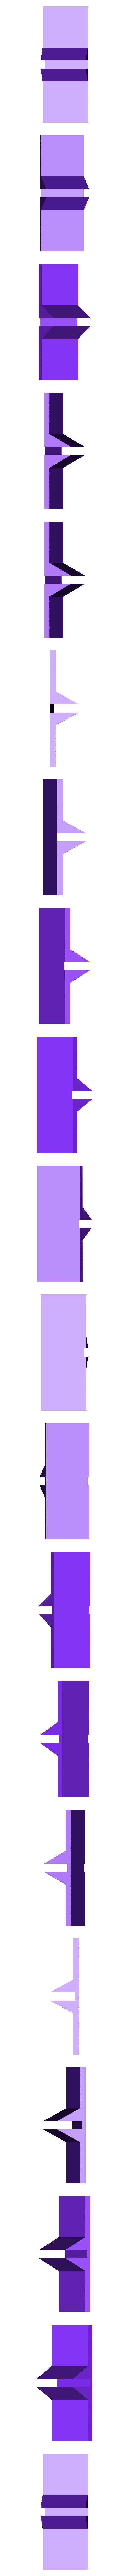 dmc_stand_platform_flat.stl Télécharger fichier STL gratuit Stand d'exposition de la DMC-12 DeLorean - Retour vers le futur • Modèle pour impression 3D, Gophy